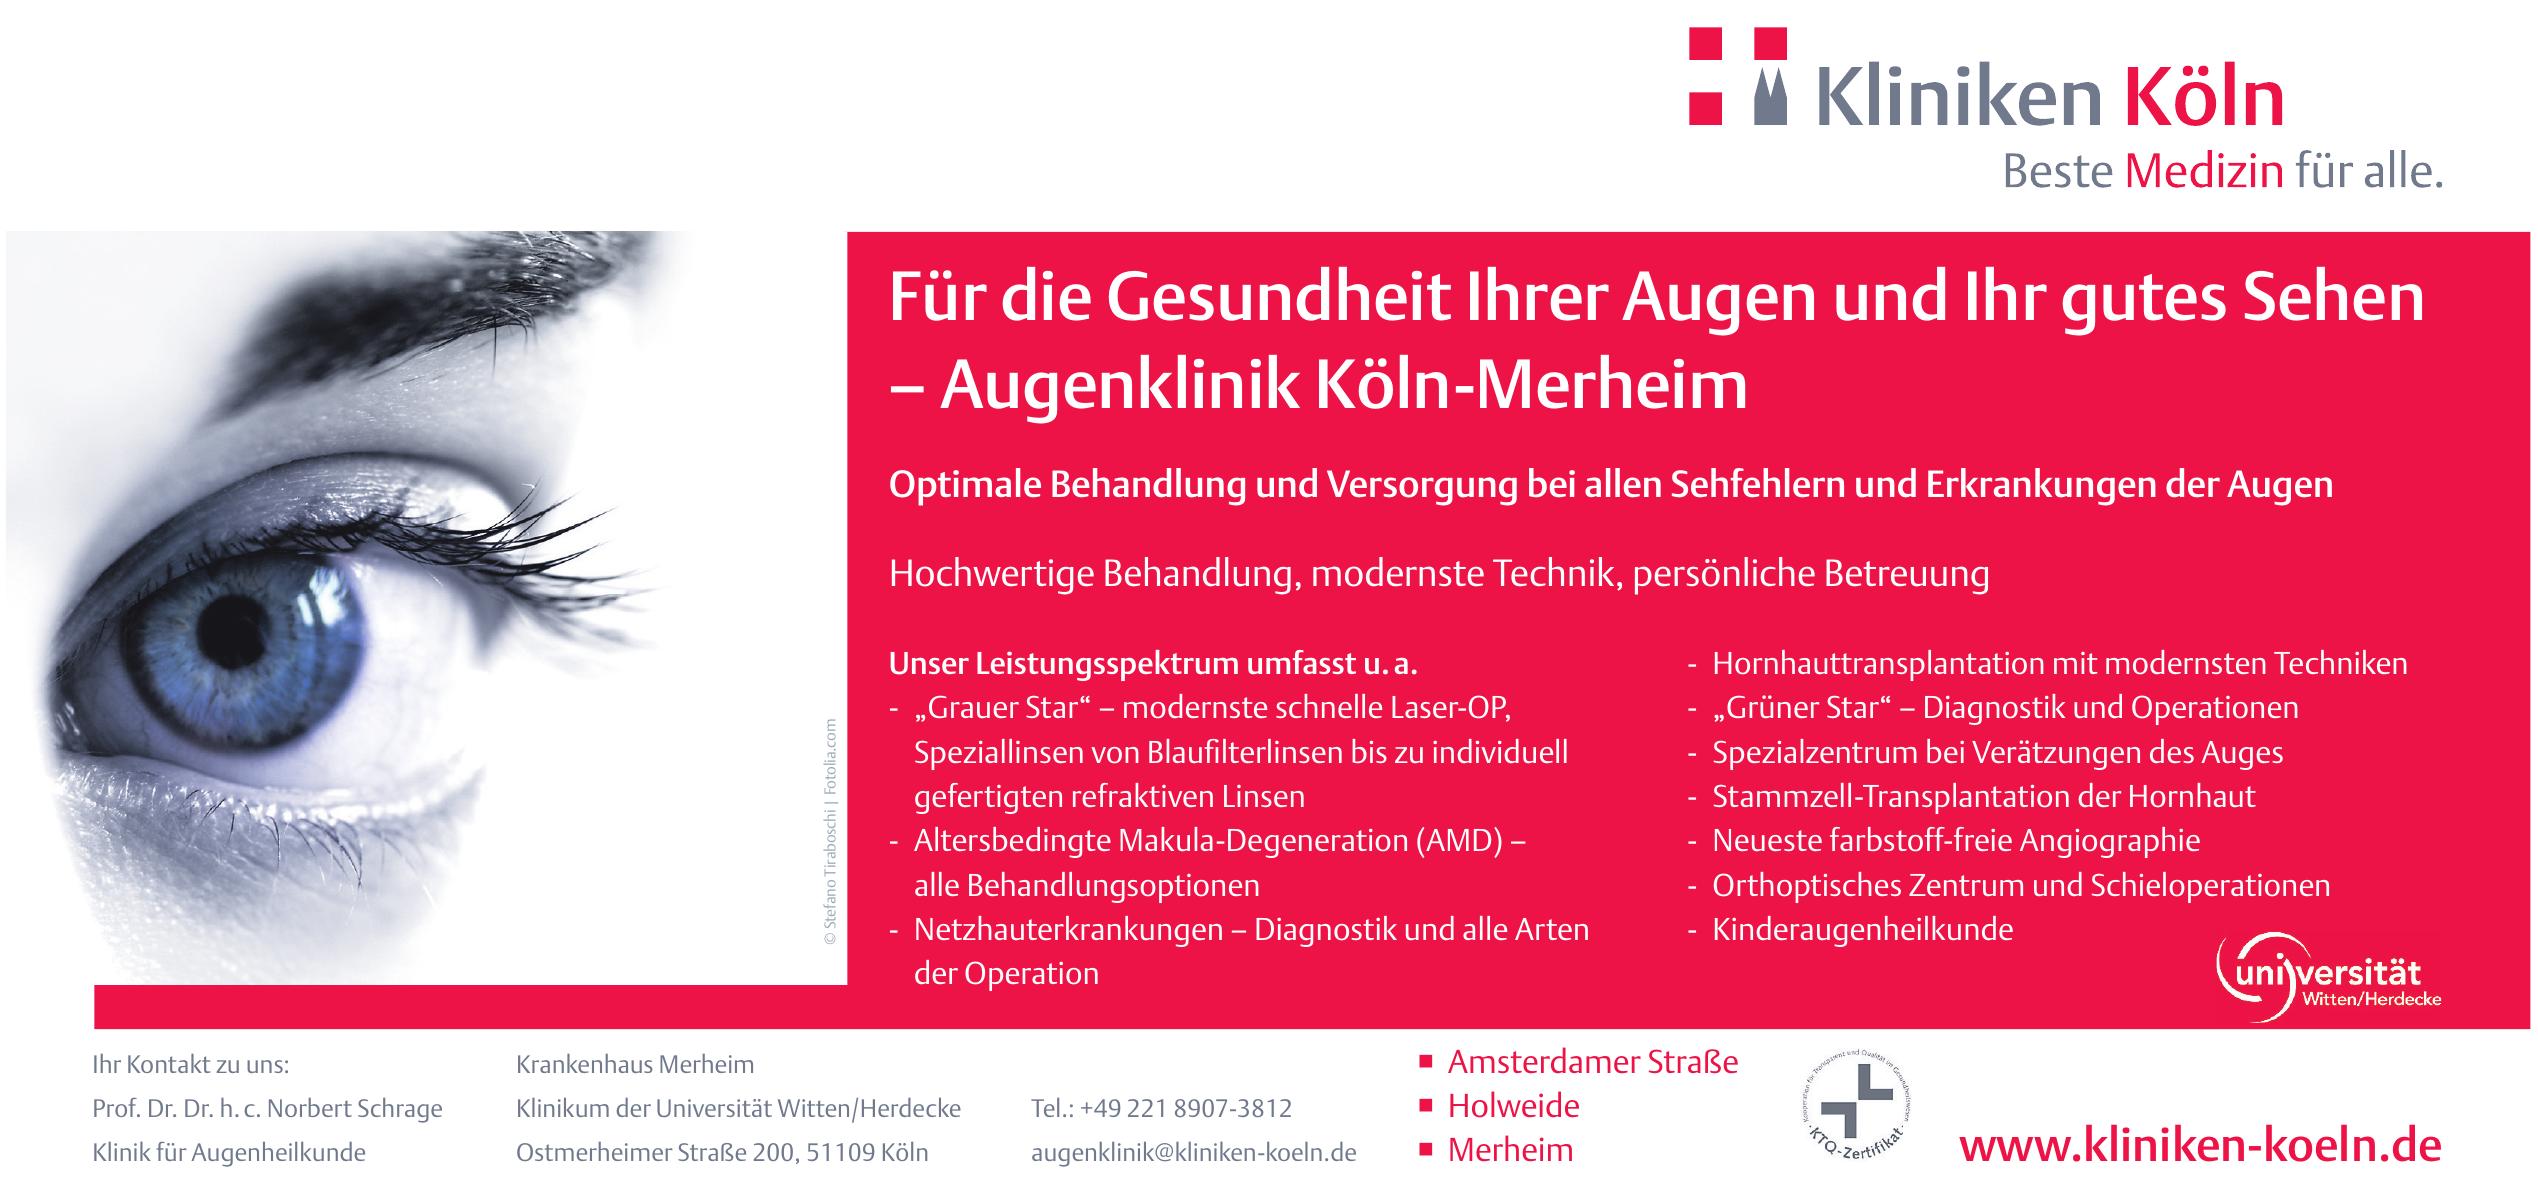 Prof. Dr. Dr. h.c. Norbert Schrage - Klinik für Augenheilkunde - Krankenhaus Merheim - Klinikum der Universität Witten/Herdecke